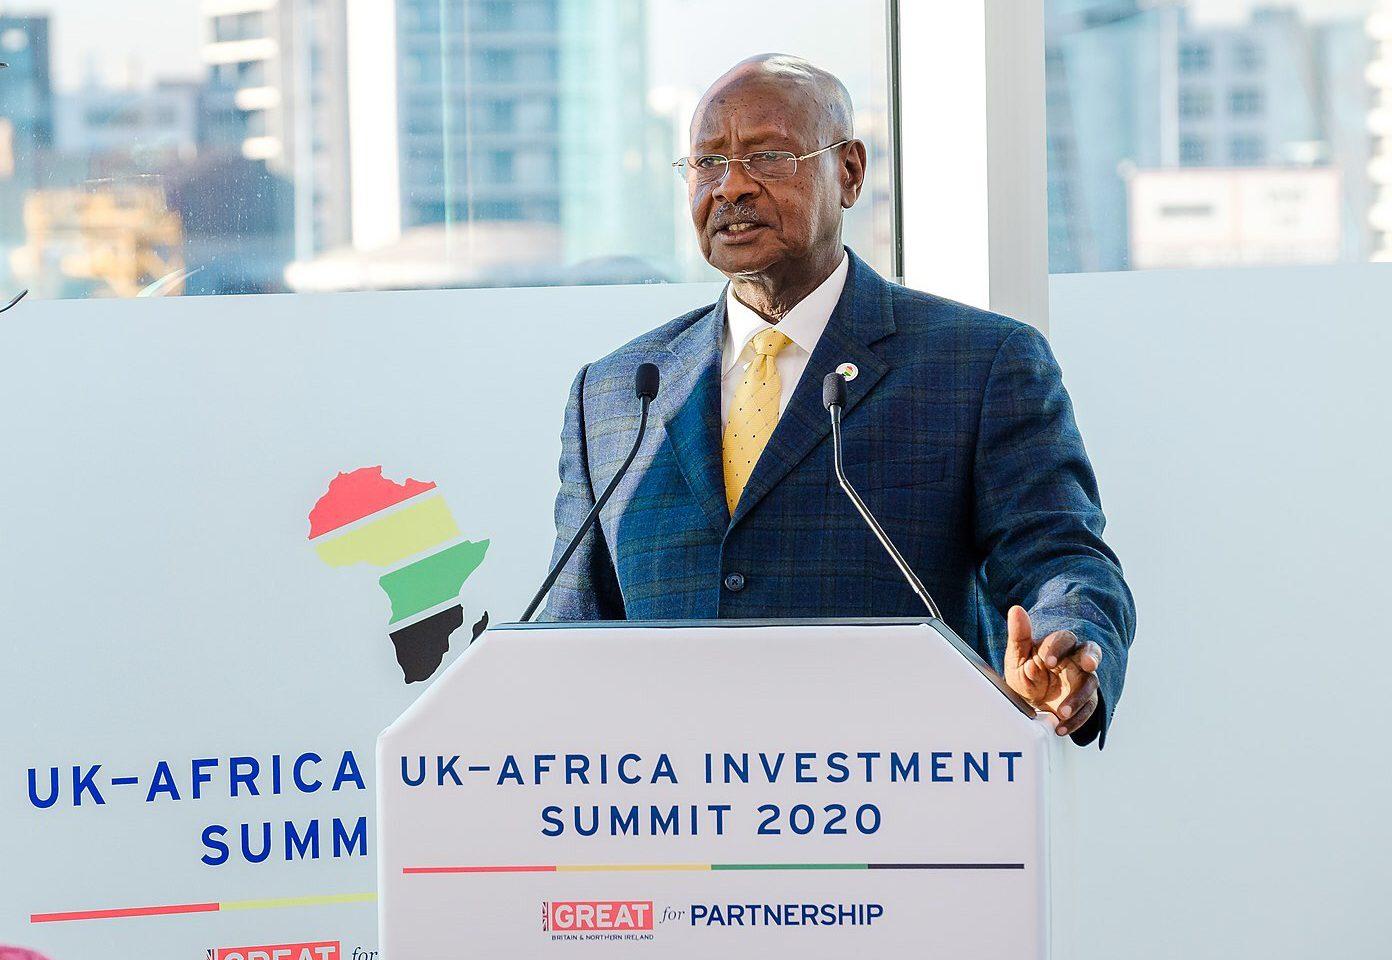 Som ett led i att försöka kontrollera informationsflödet i samband med valet i Uganda stängde president Yoweri Museveni av internet i landet. OmVärlden har nu lyckats få ett vittnesmål från huvudstaden Kampala.